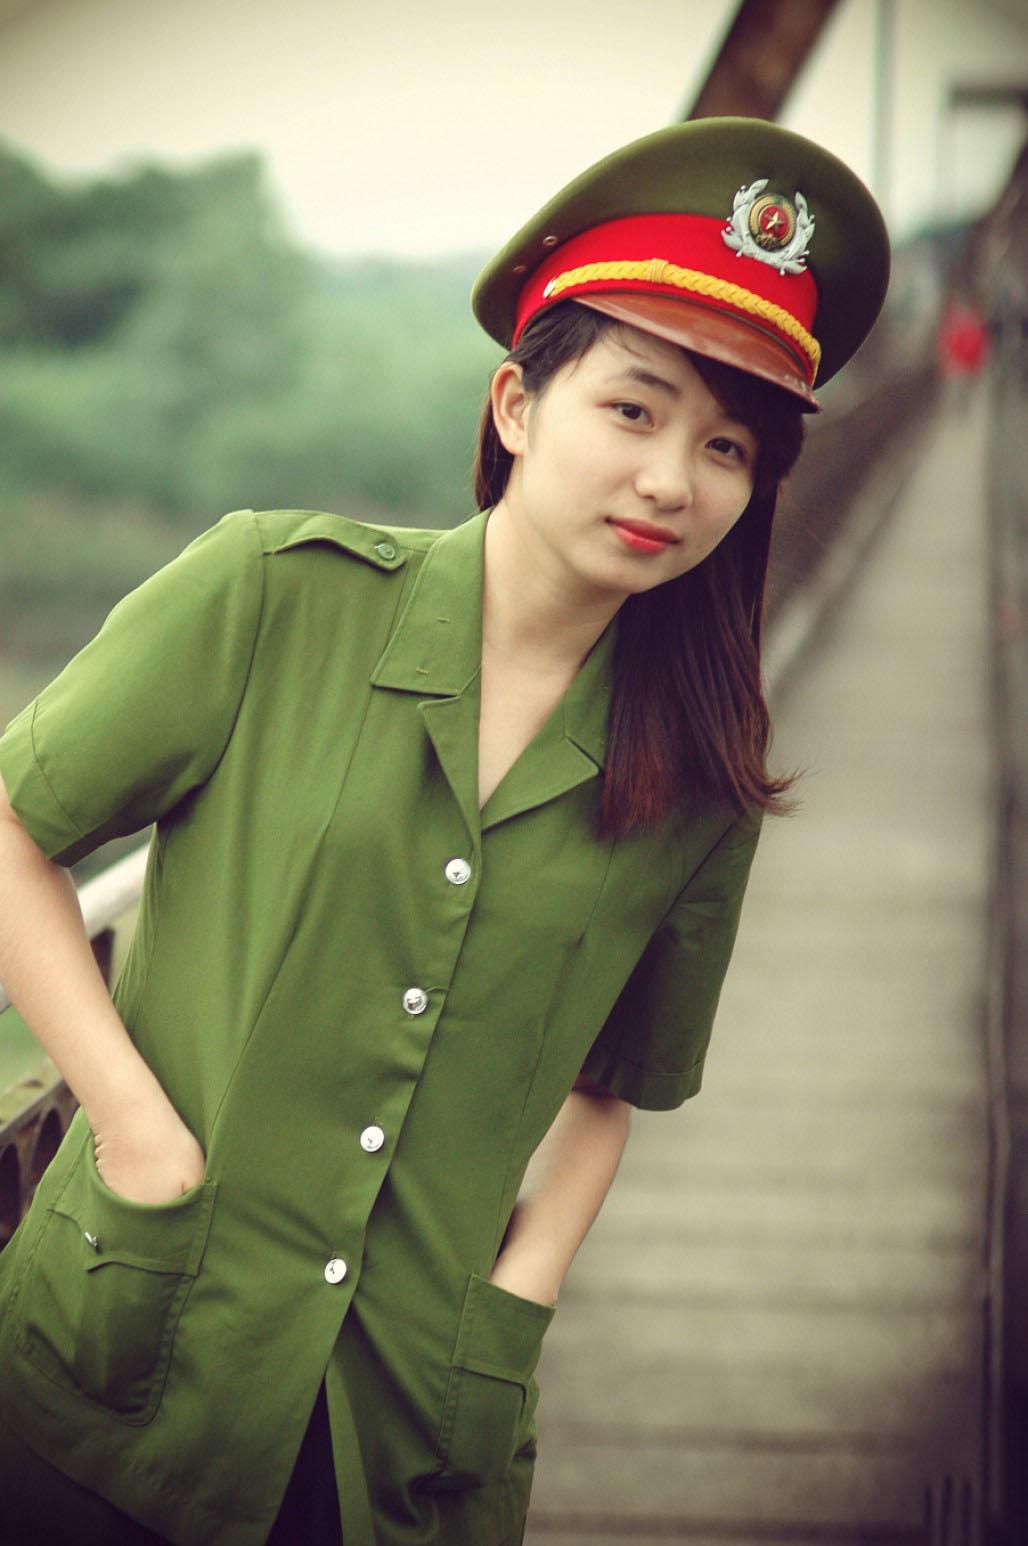 Hình ảnh nữ công an tóc dài xinh đẹp